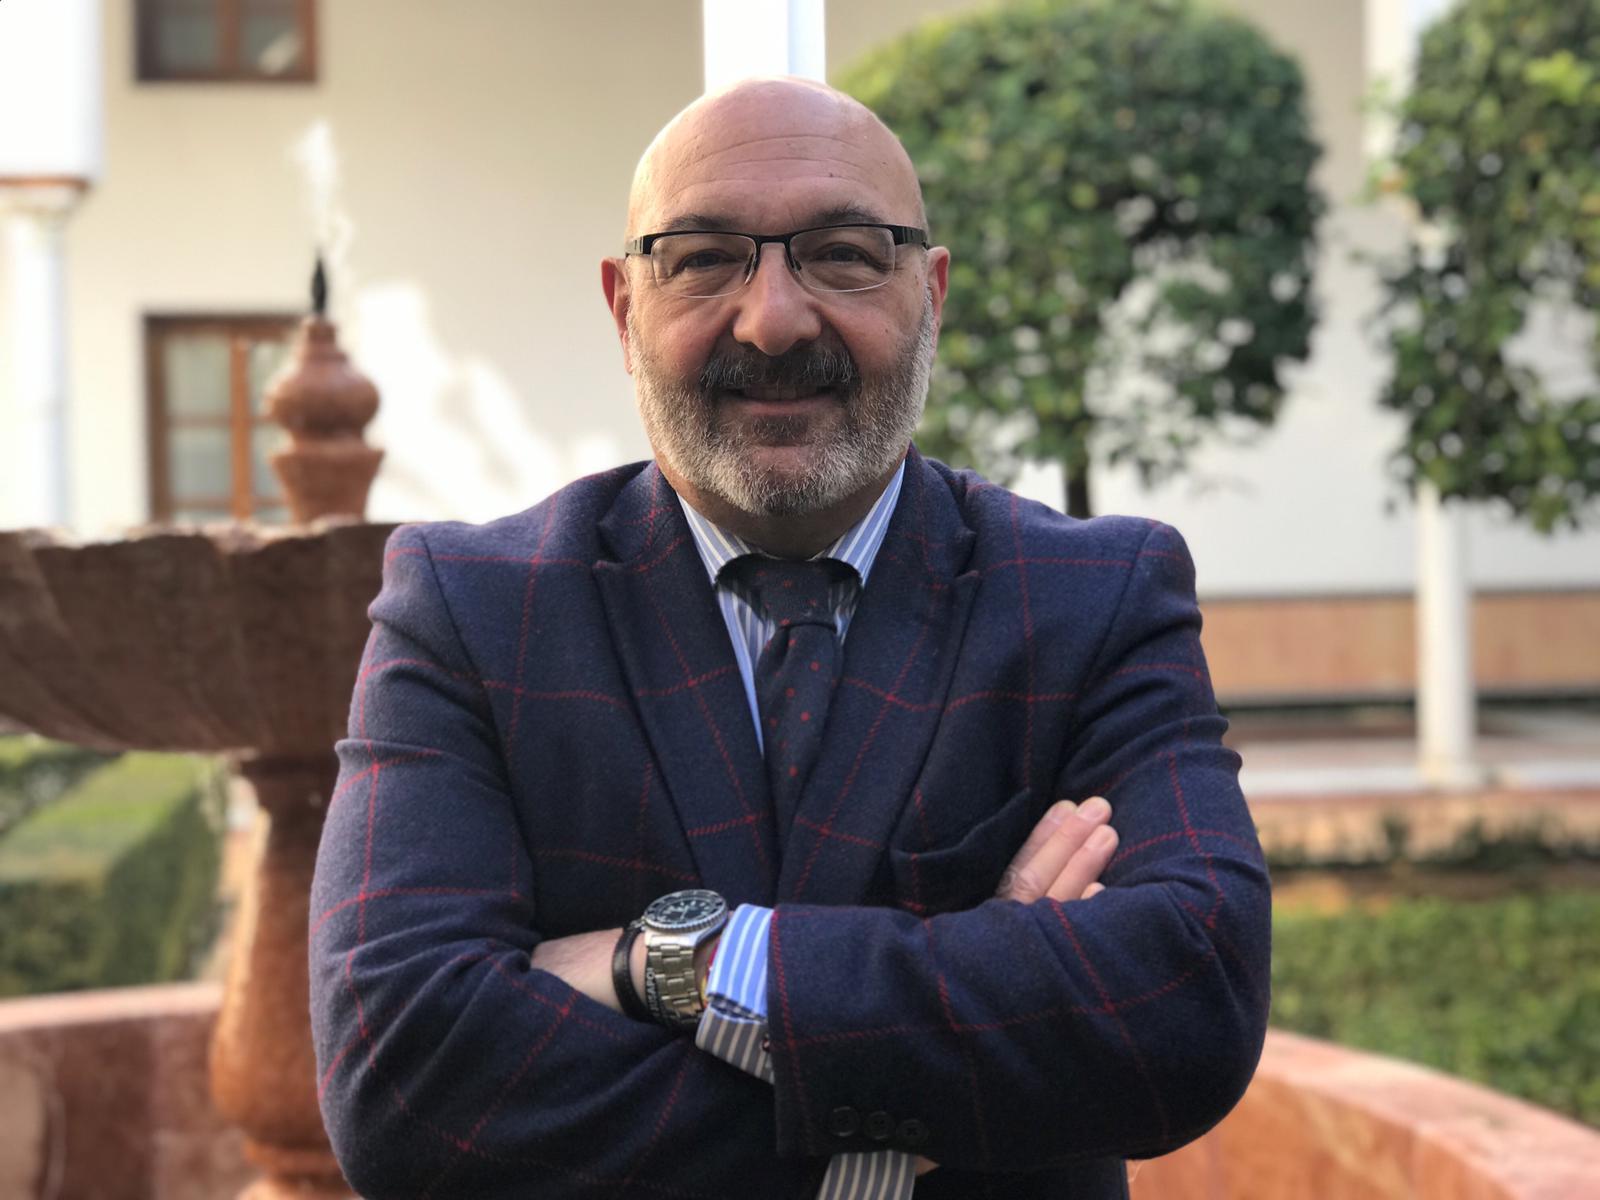 """Portavoz de VOX en Parlamento de Andalucía: """"Estamos canalizando la ilusión"""" de España"""